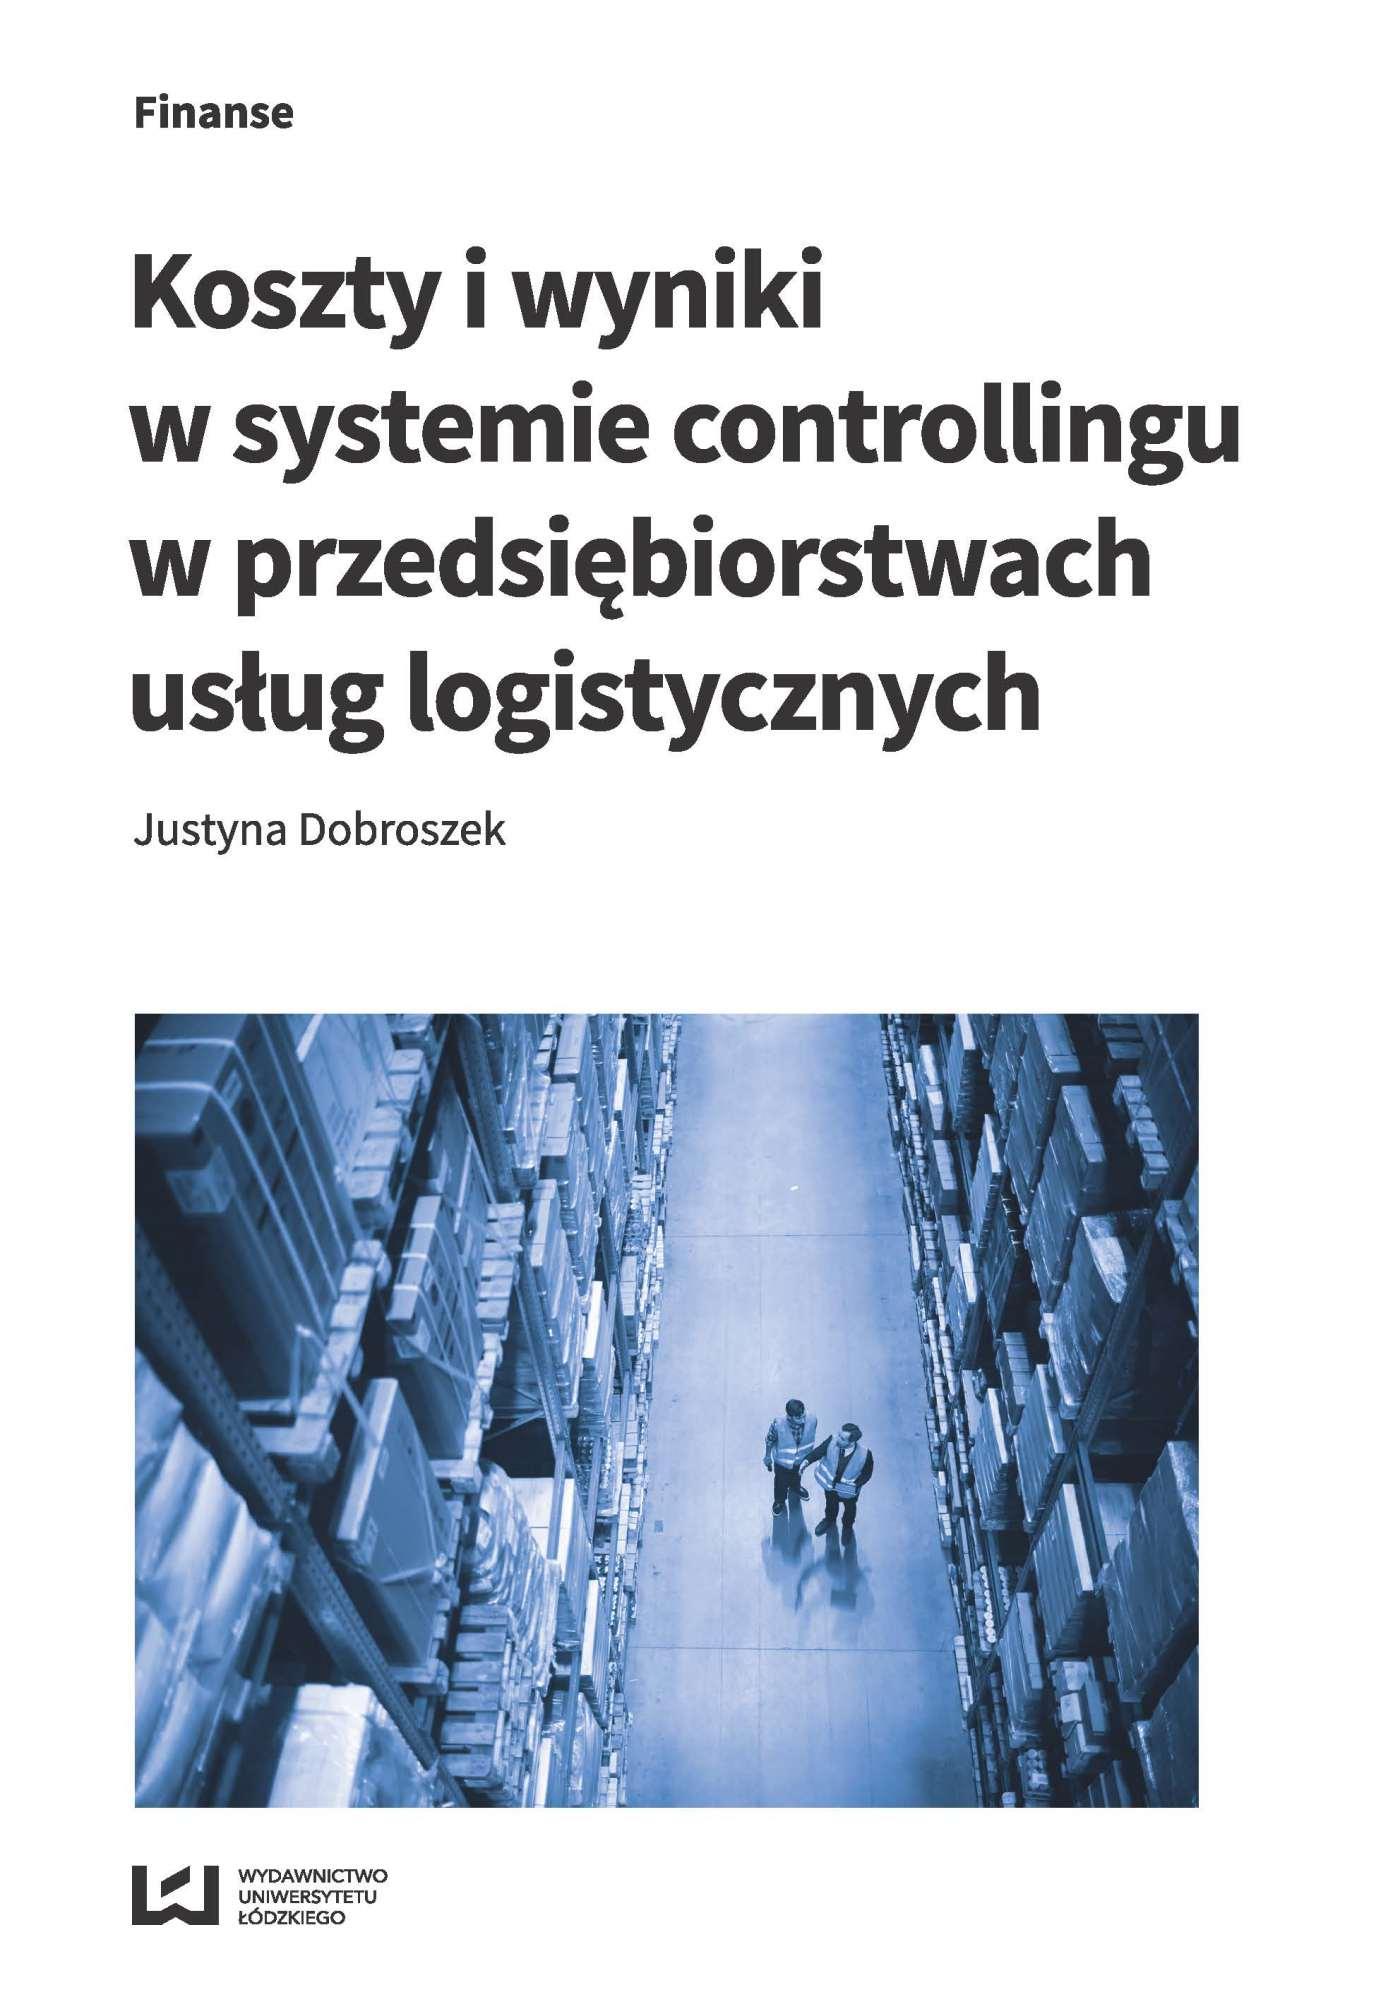 Koszty i wyniki w systemie controllingu w przedsiębiorstwach usług logistycznych - Ebook (Książka PDF) do pobrania w formacie PDF